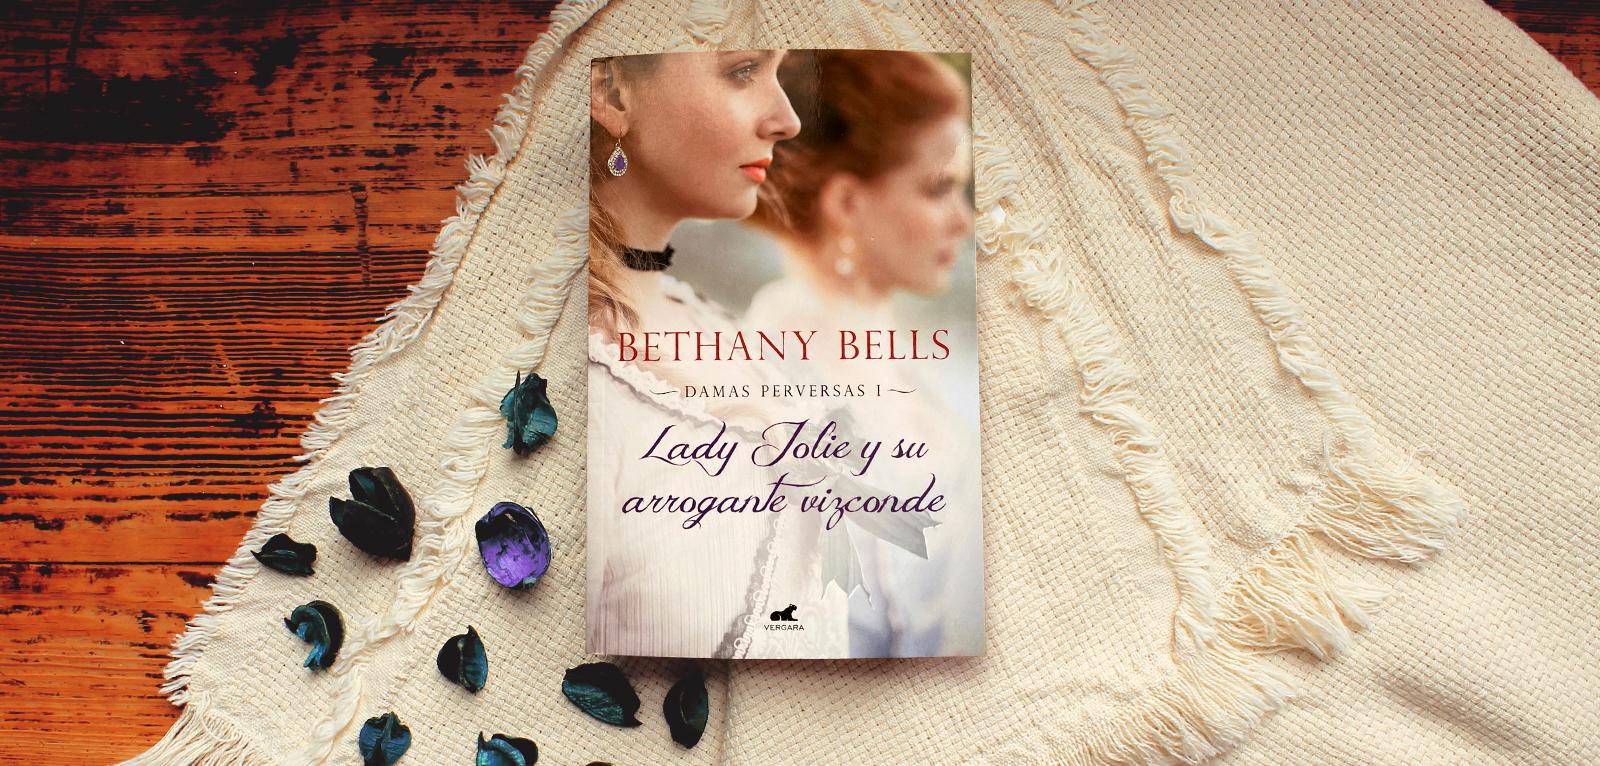 Lady Jolie y su arrogante vizconde · Bethany Bells